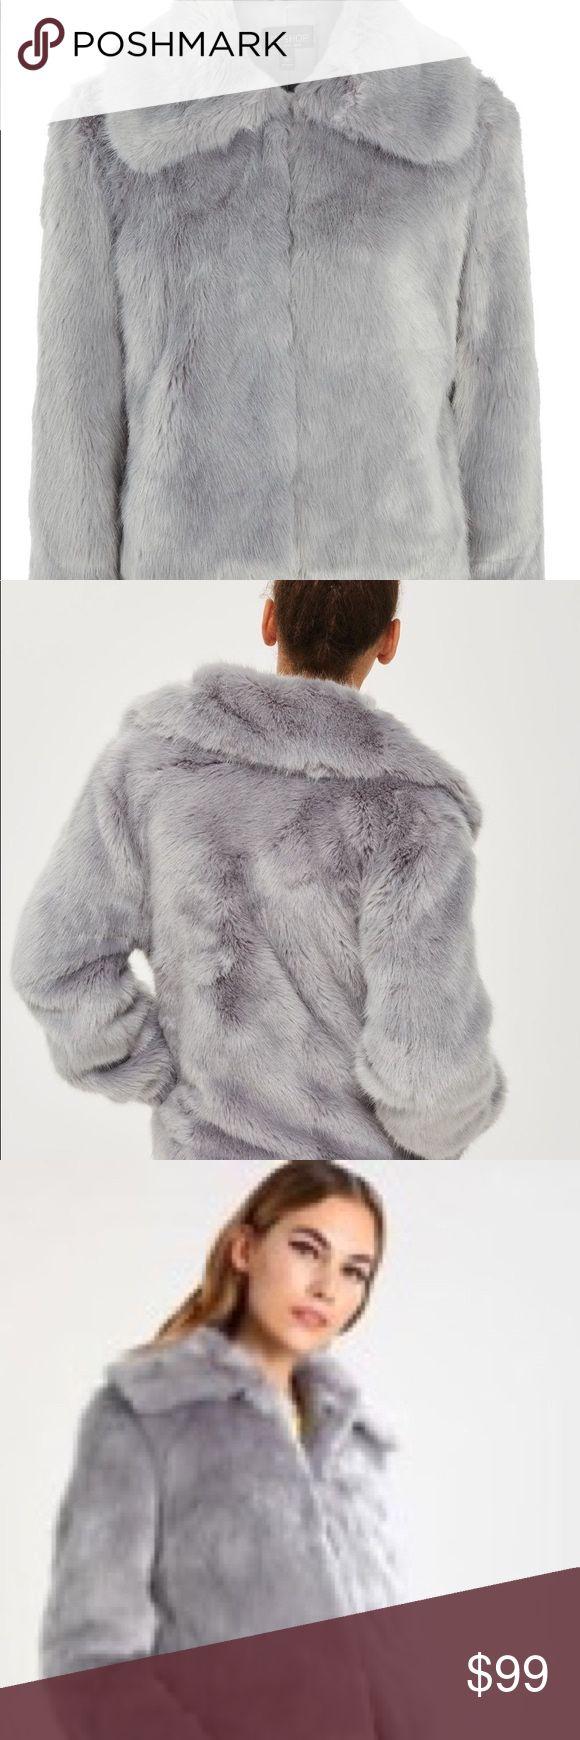 TOPSHOP FUR JACKET Almost brand new topshop grey fur jacket. Comfortable and super trendy Topshop Jackets & Coats